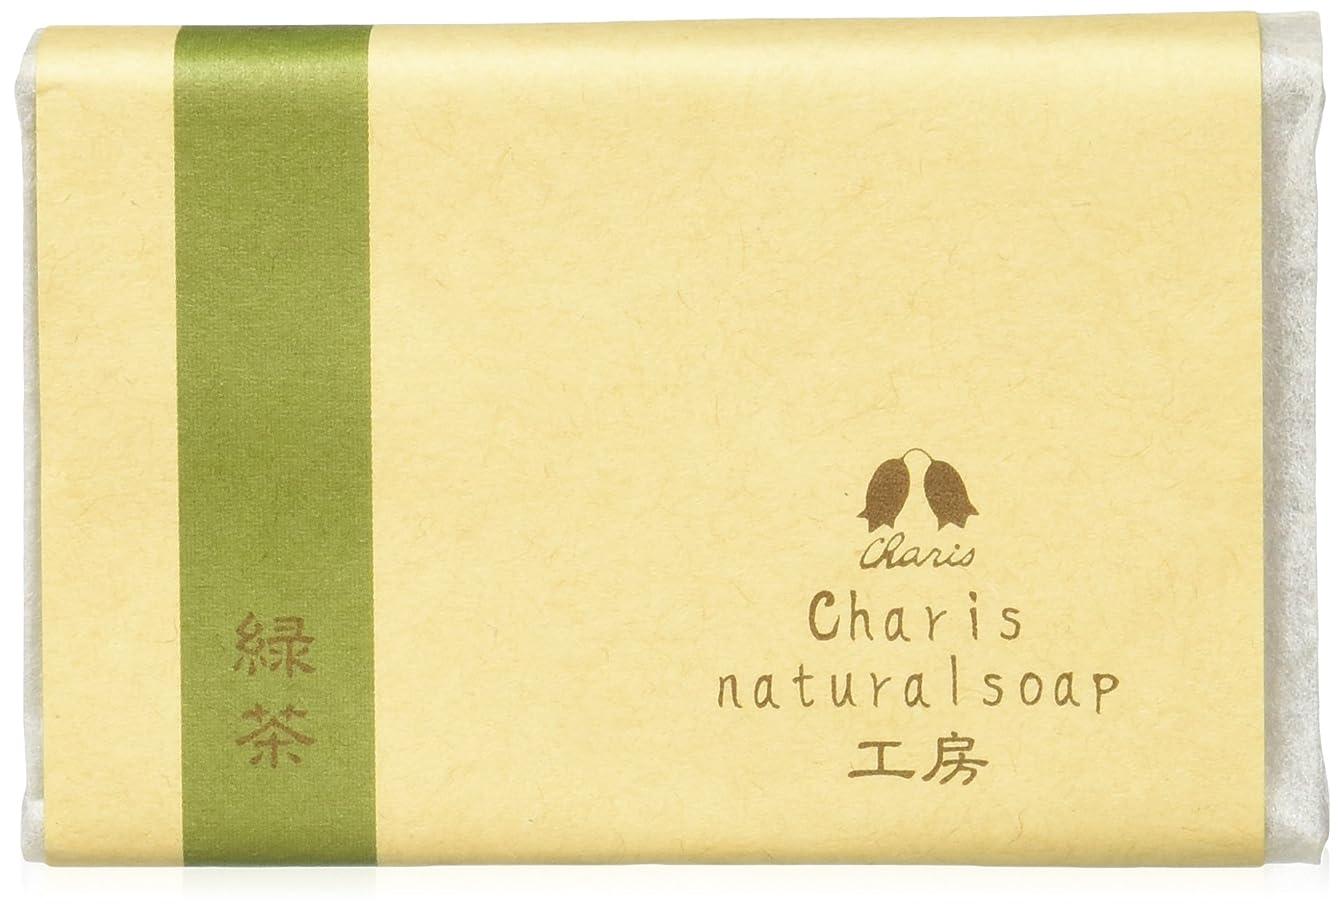 洗練トレーダー妊娠したカリス ナチュラルソープ工房 緑茶石鹸 90g [コールドプロセス製法]